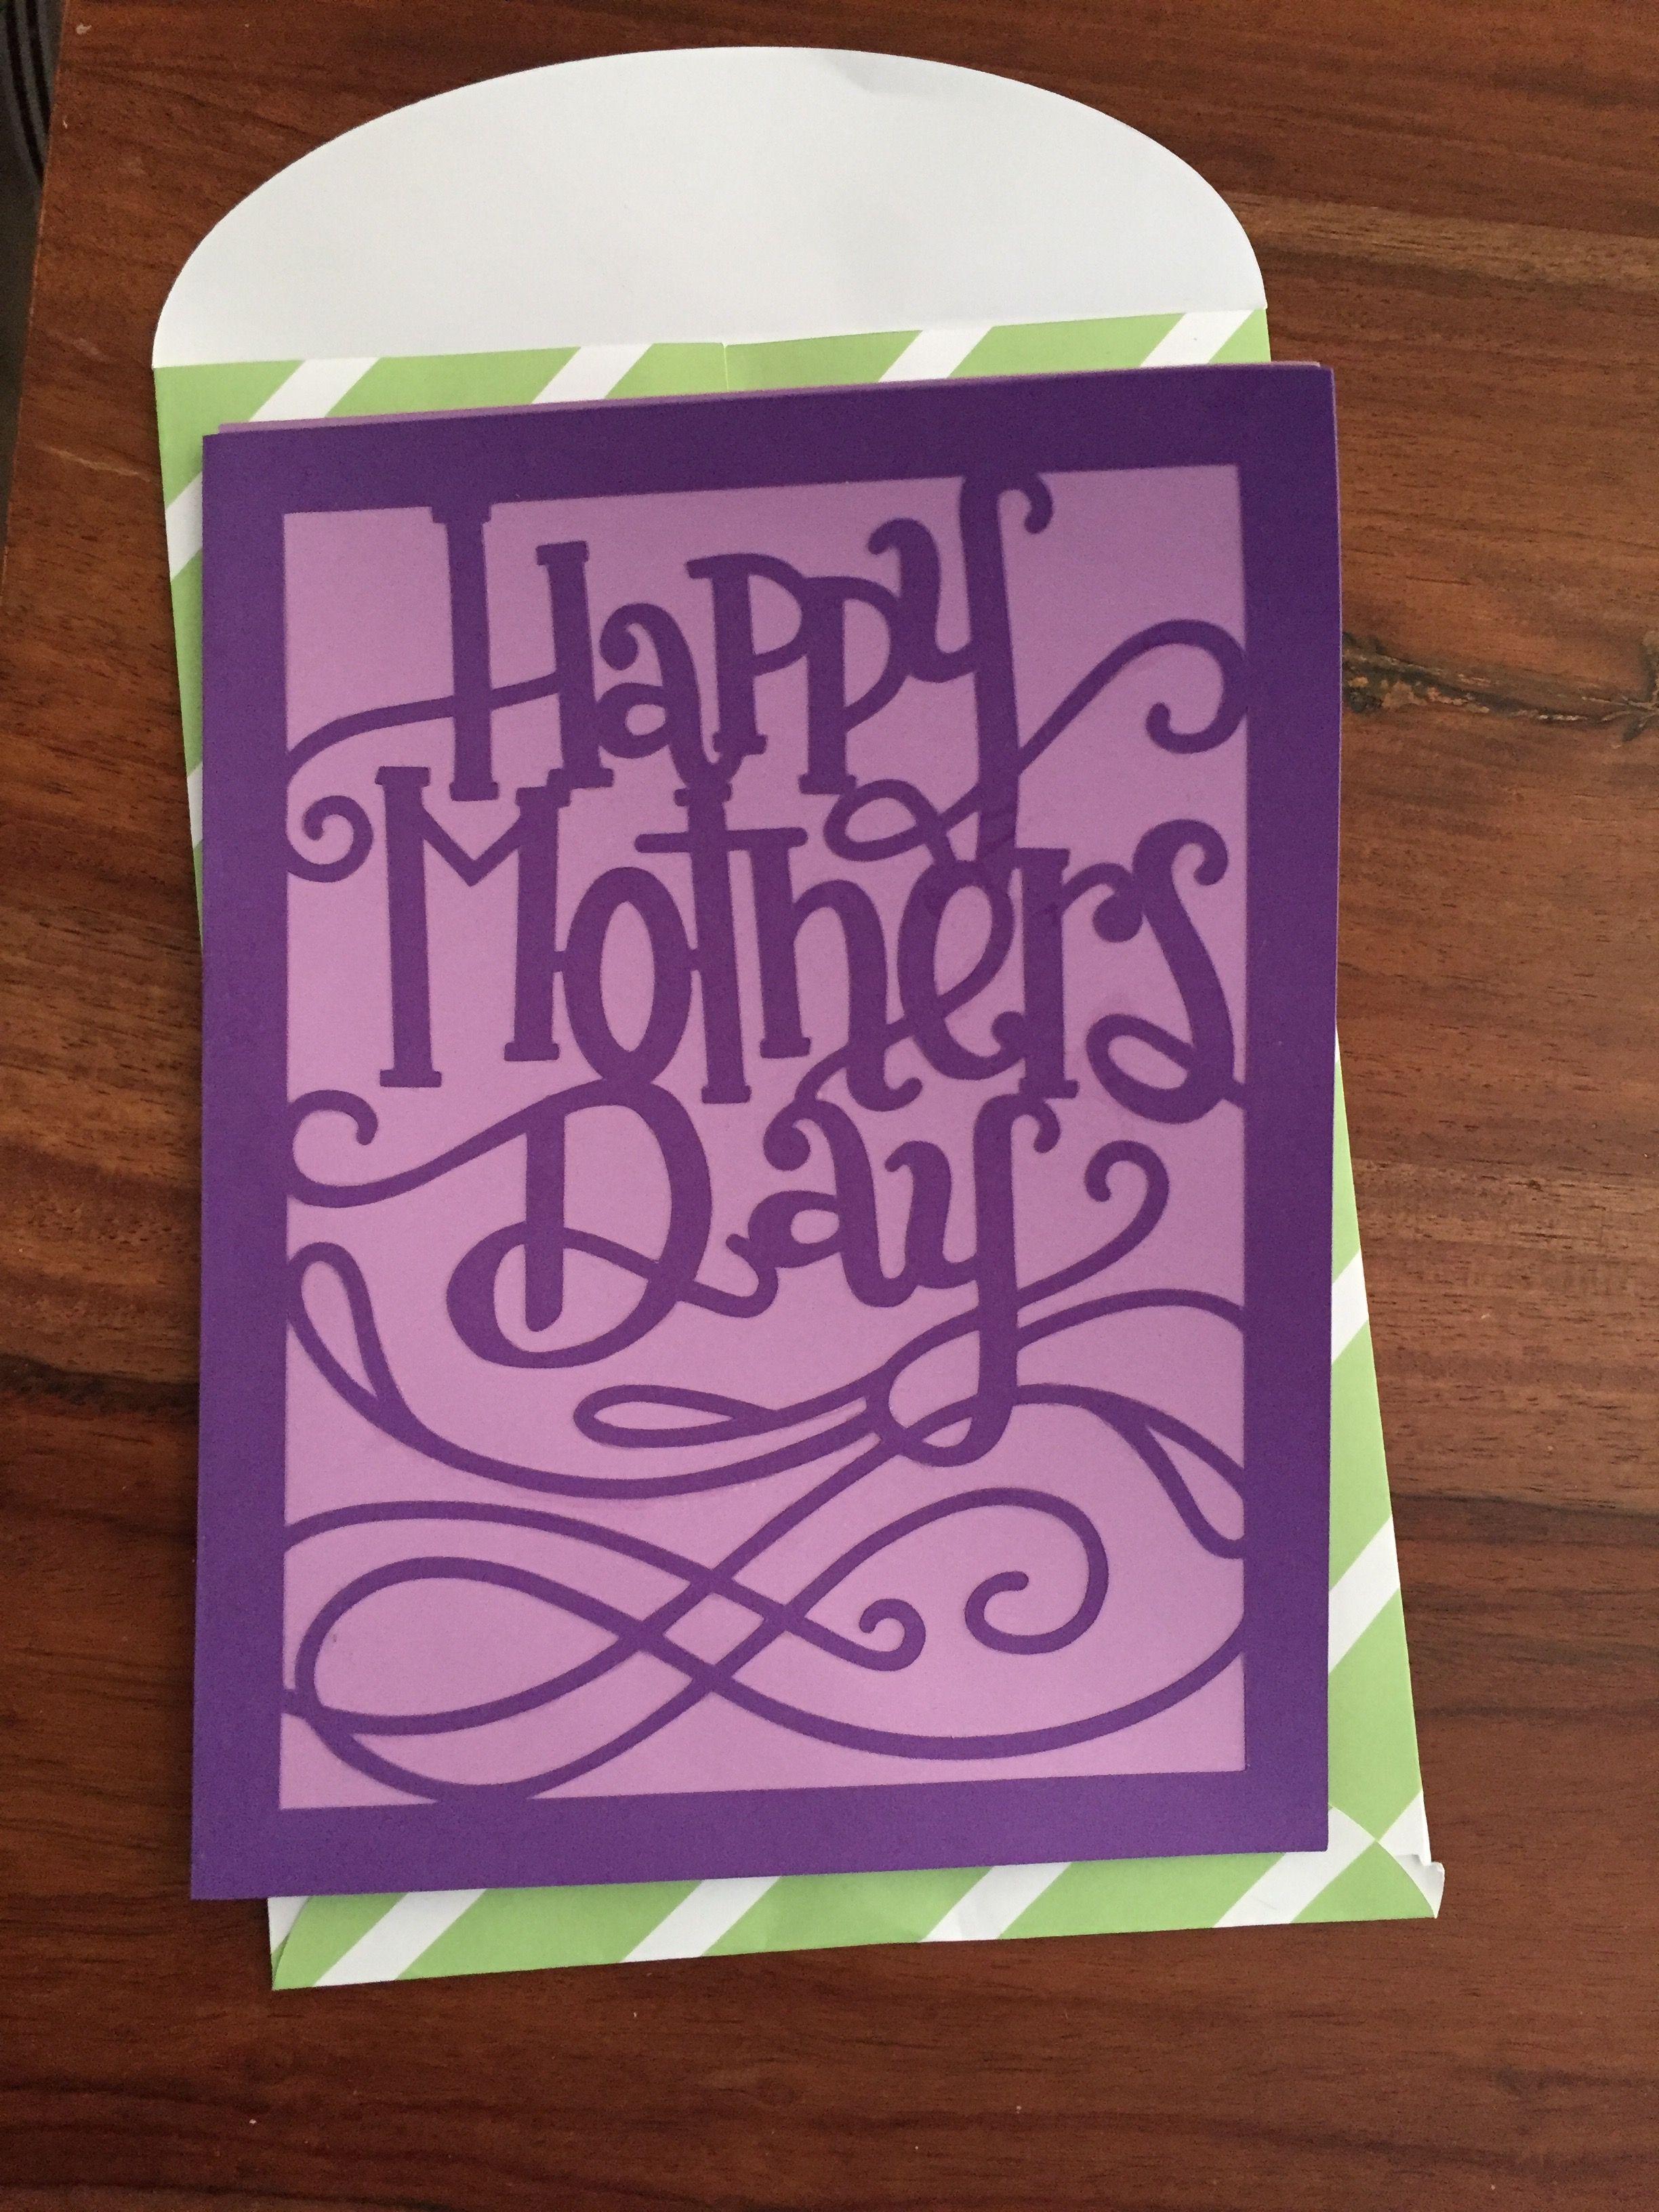 Cheerful 2nd Graders Cricut Day Card Cricut Day Card Card Ideas Pinterest Card Ideas Mor S Day Card Ideas Preschoolers Mor S Day Card Ideas